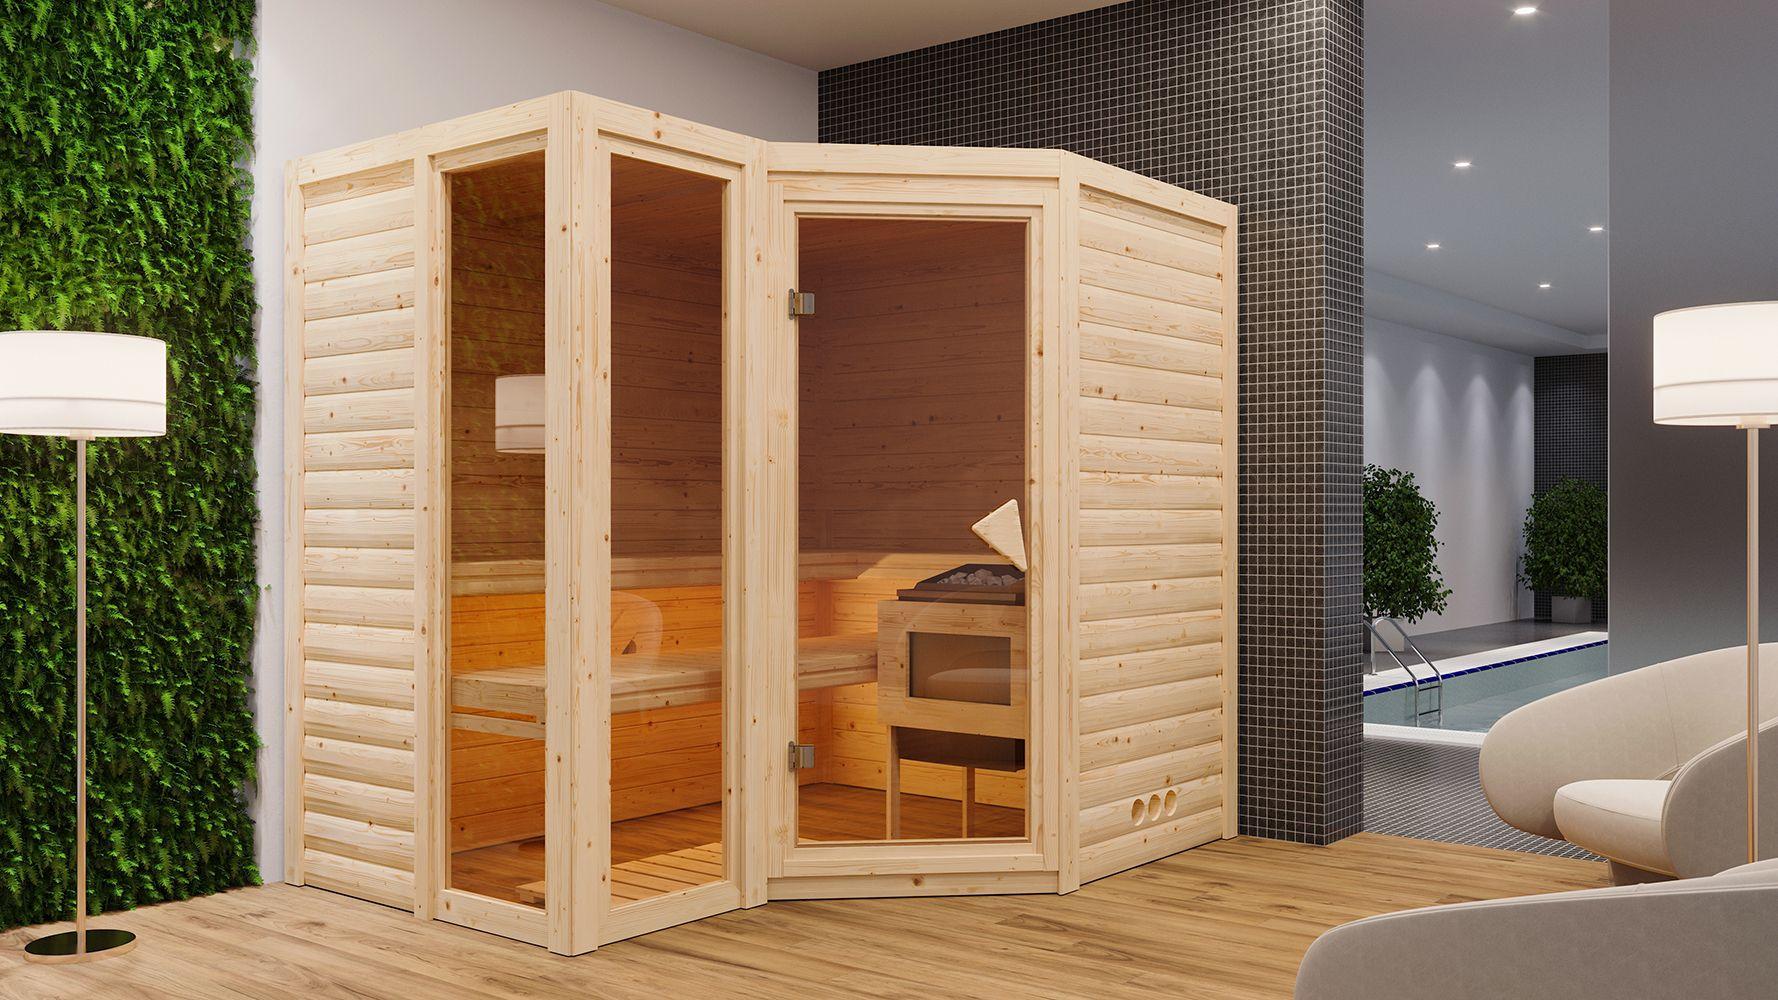 Massivholzsauna Elisa 01, 40 mm Wandstärke - 236 x 184 x 206 cm (B x T x H) - Ausführung:inkl. Ofen mit integrierter Steuerung